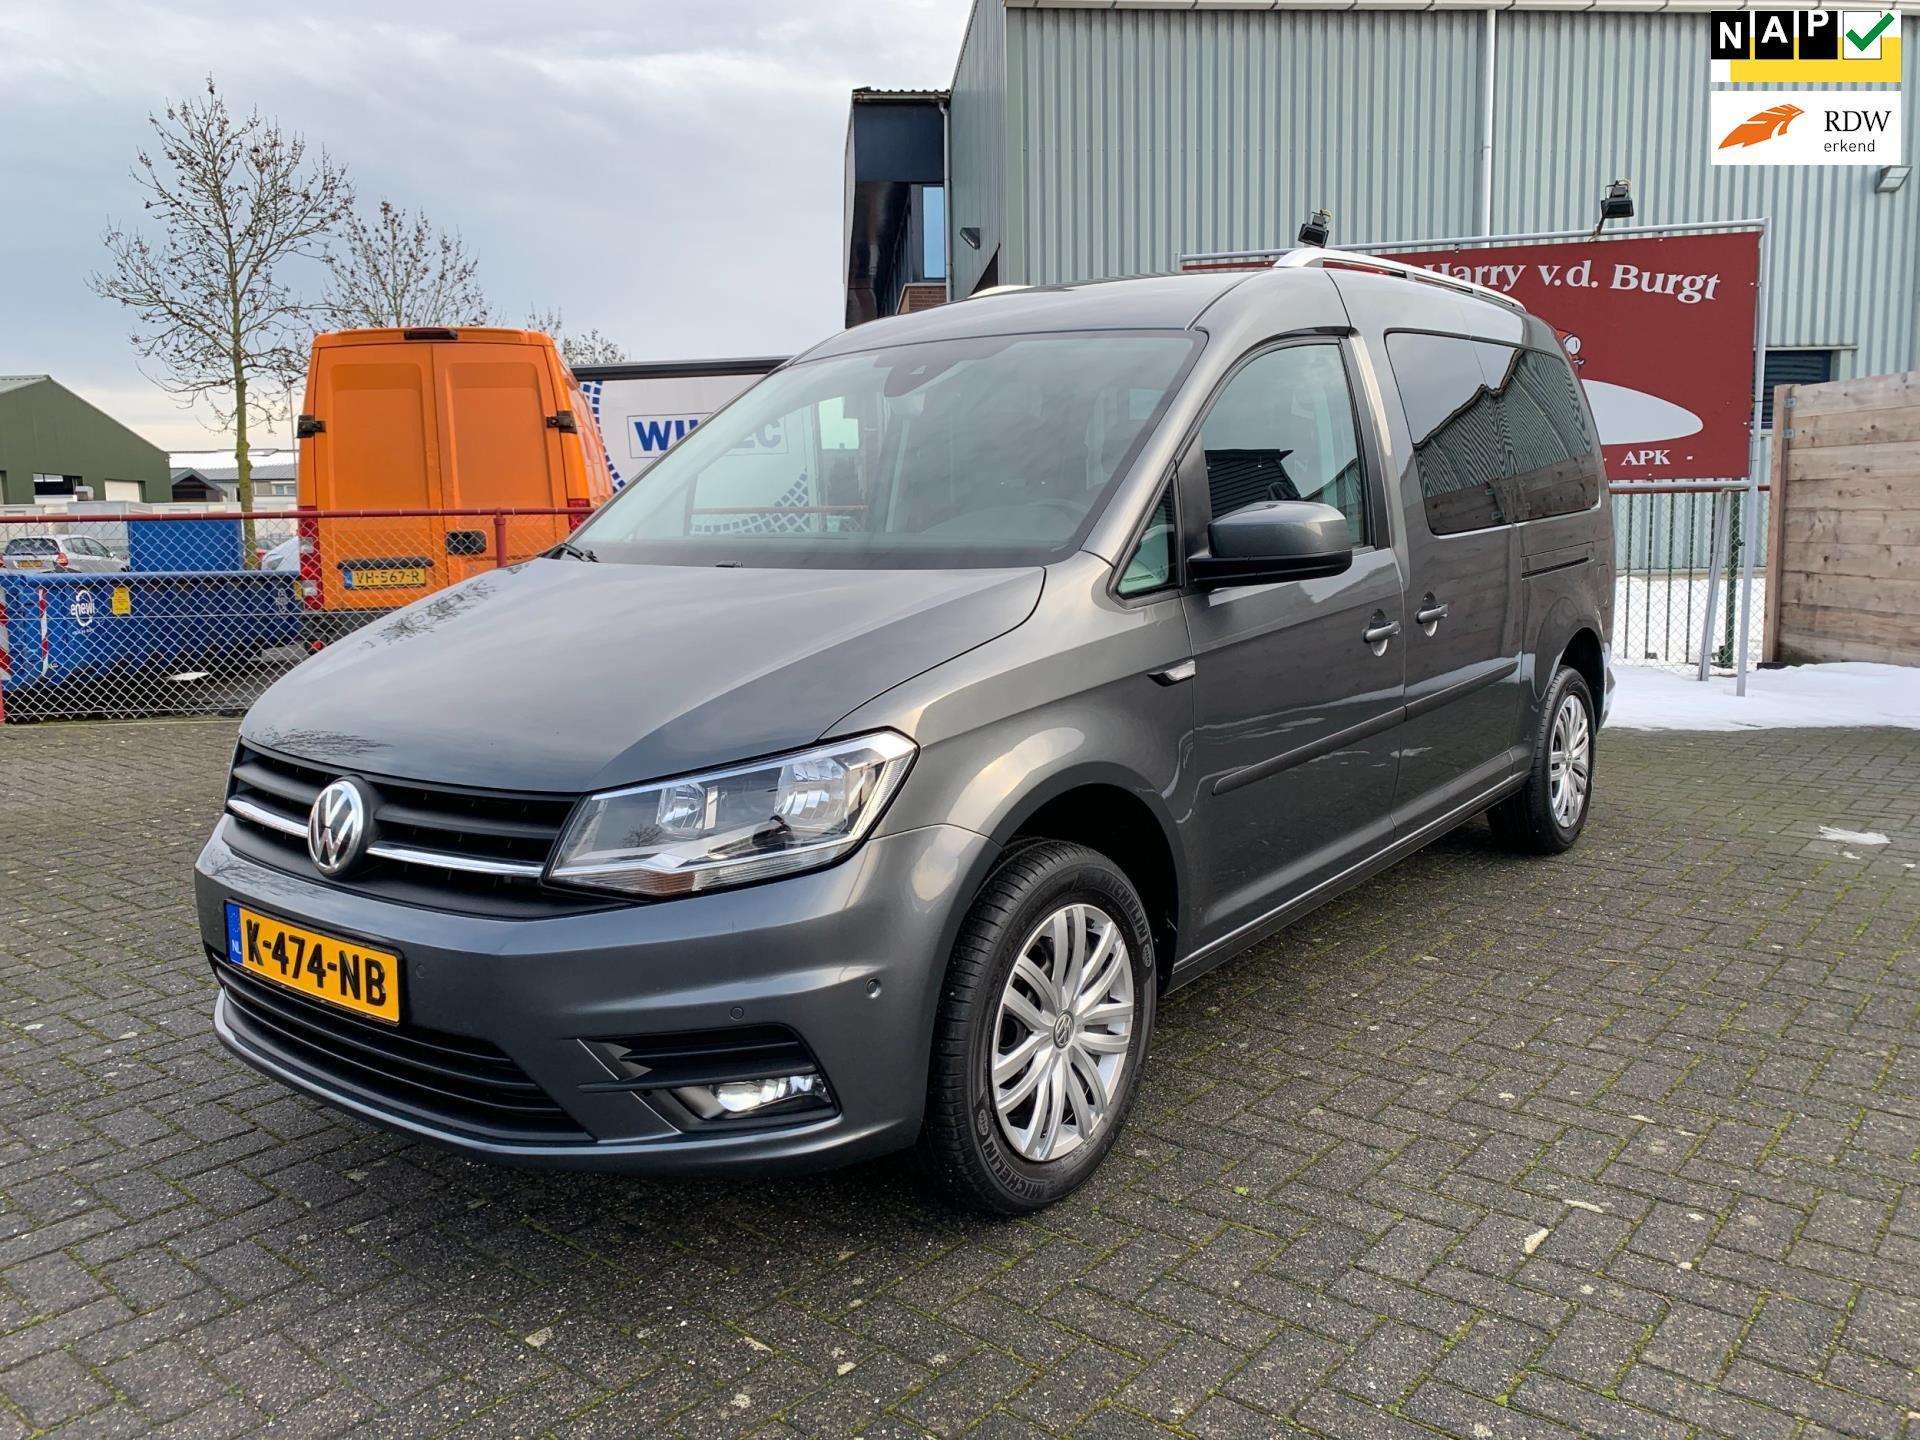 Volkswagen Caddy Maxi occasion - Autobedrijf Harry van der Burgt